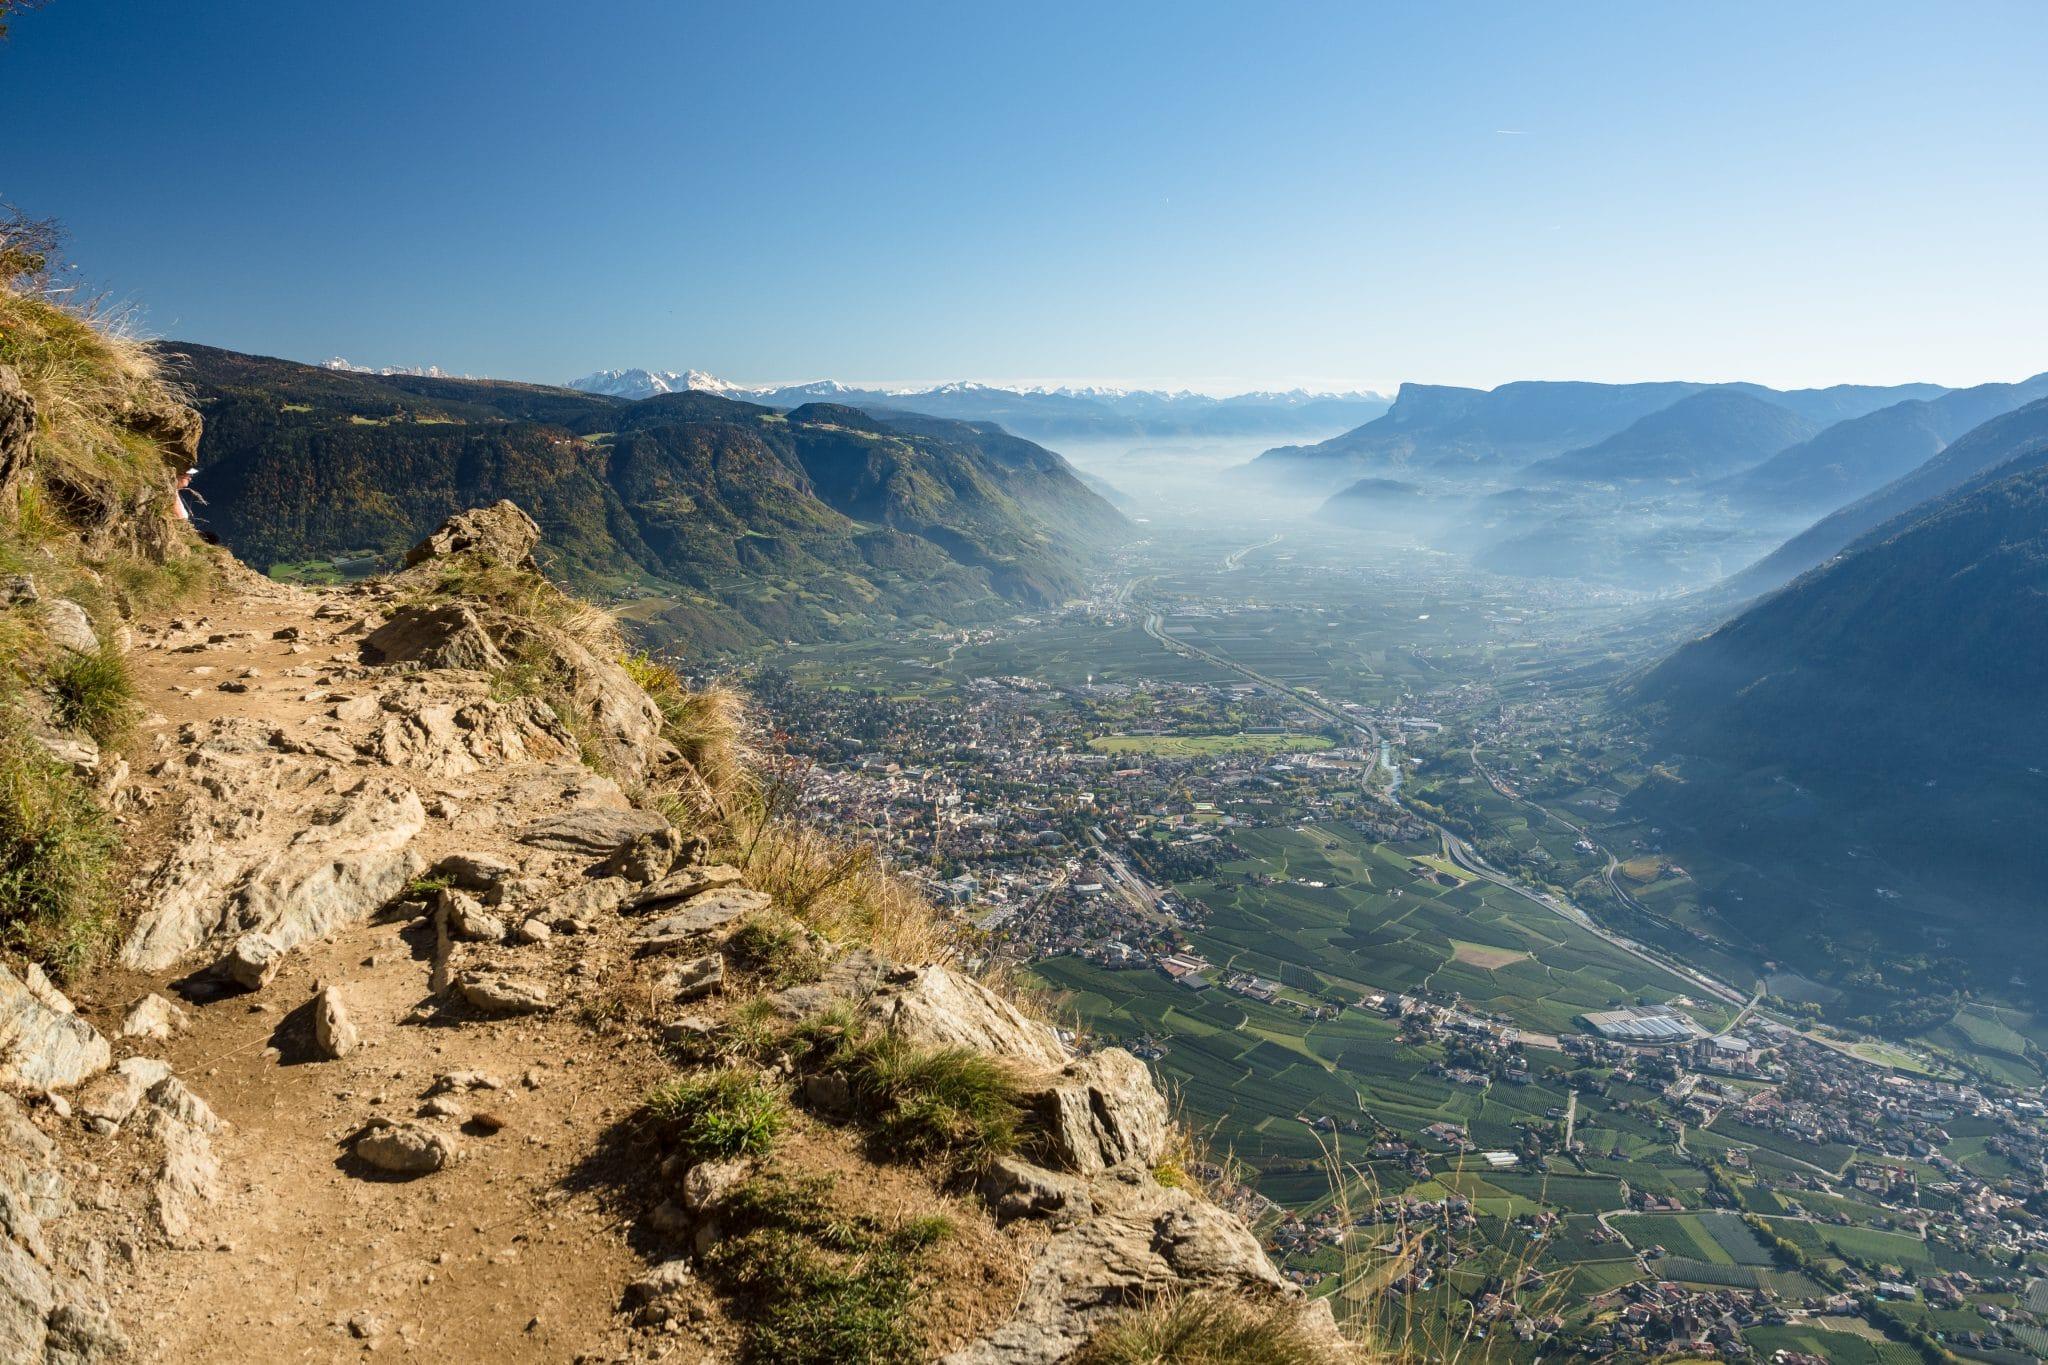 Die Schonsten Ortschaften Rund Um Meran In Sudtirol